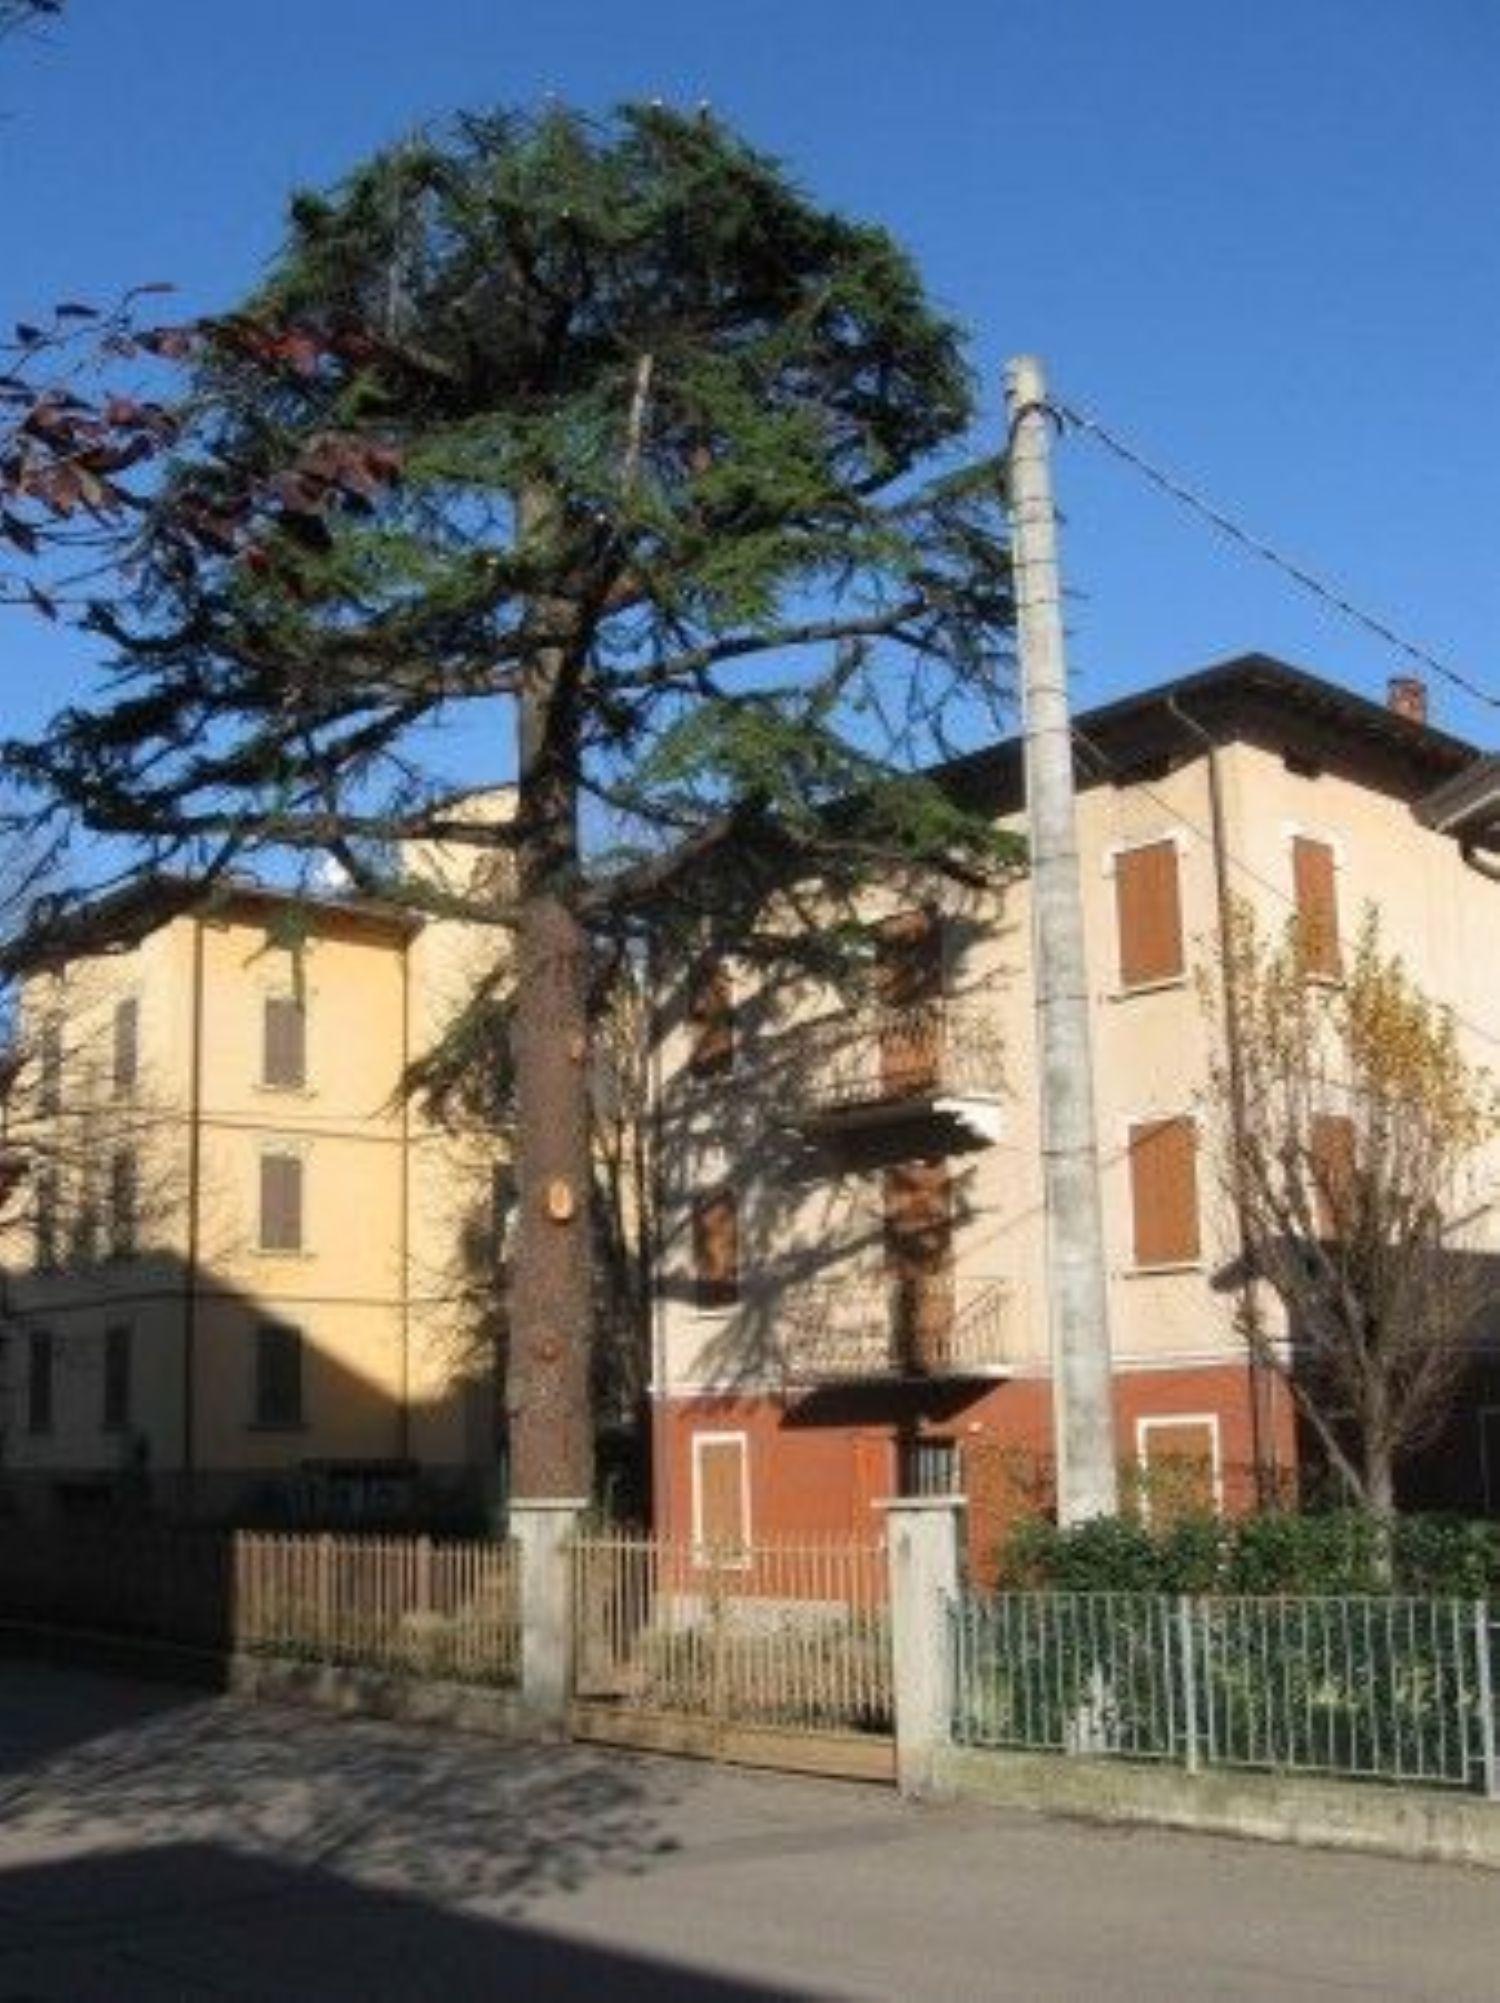 Soluzione Indipendente in vendita a Reggio Emilia, 18 locali, prezzo € 230.000   Cambio Casa.it